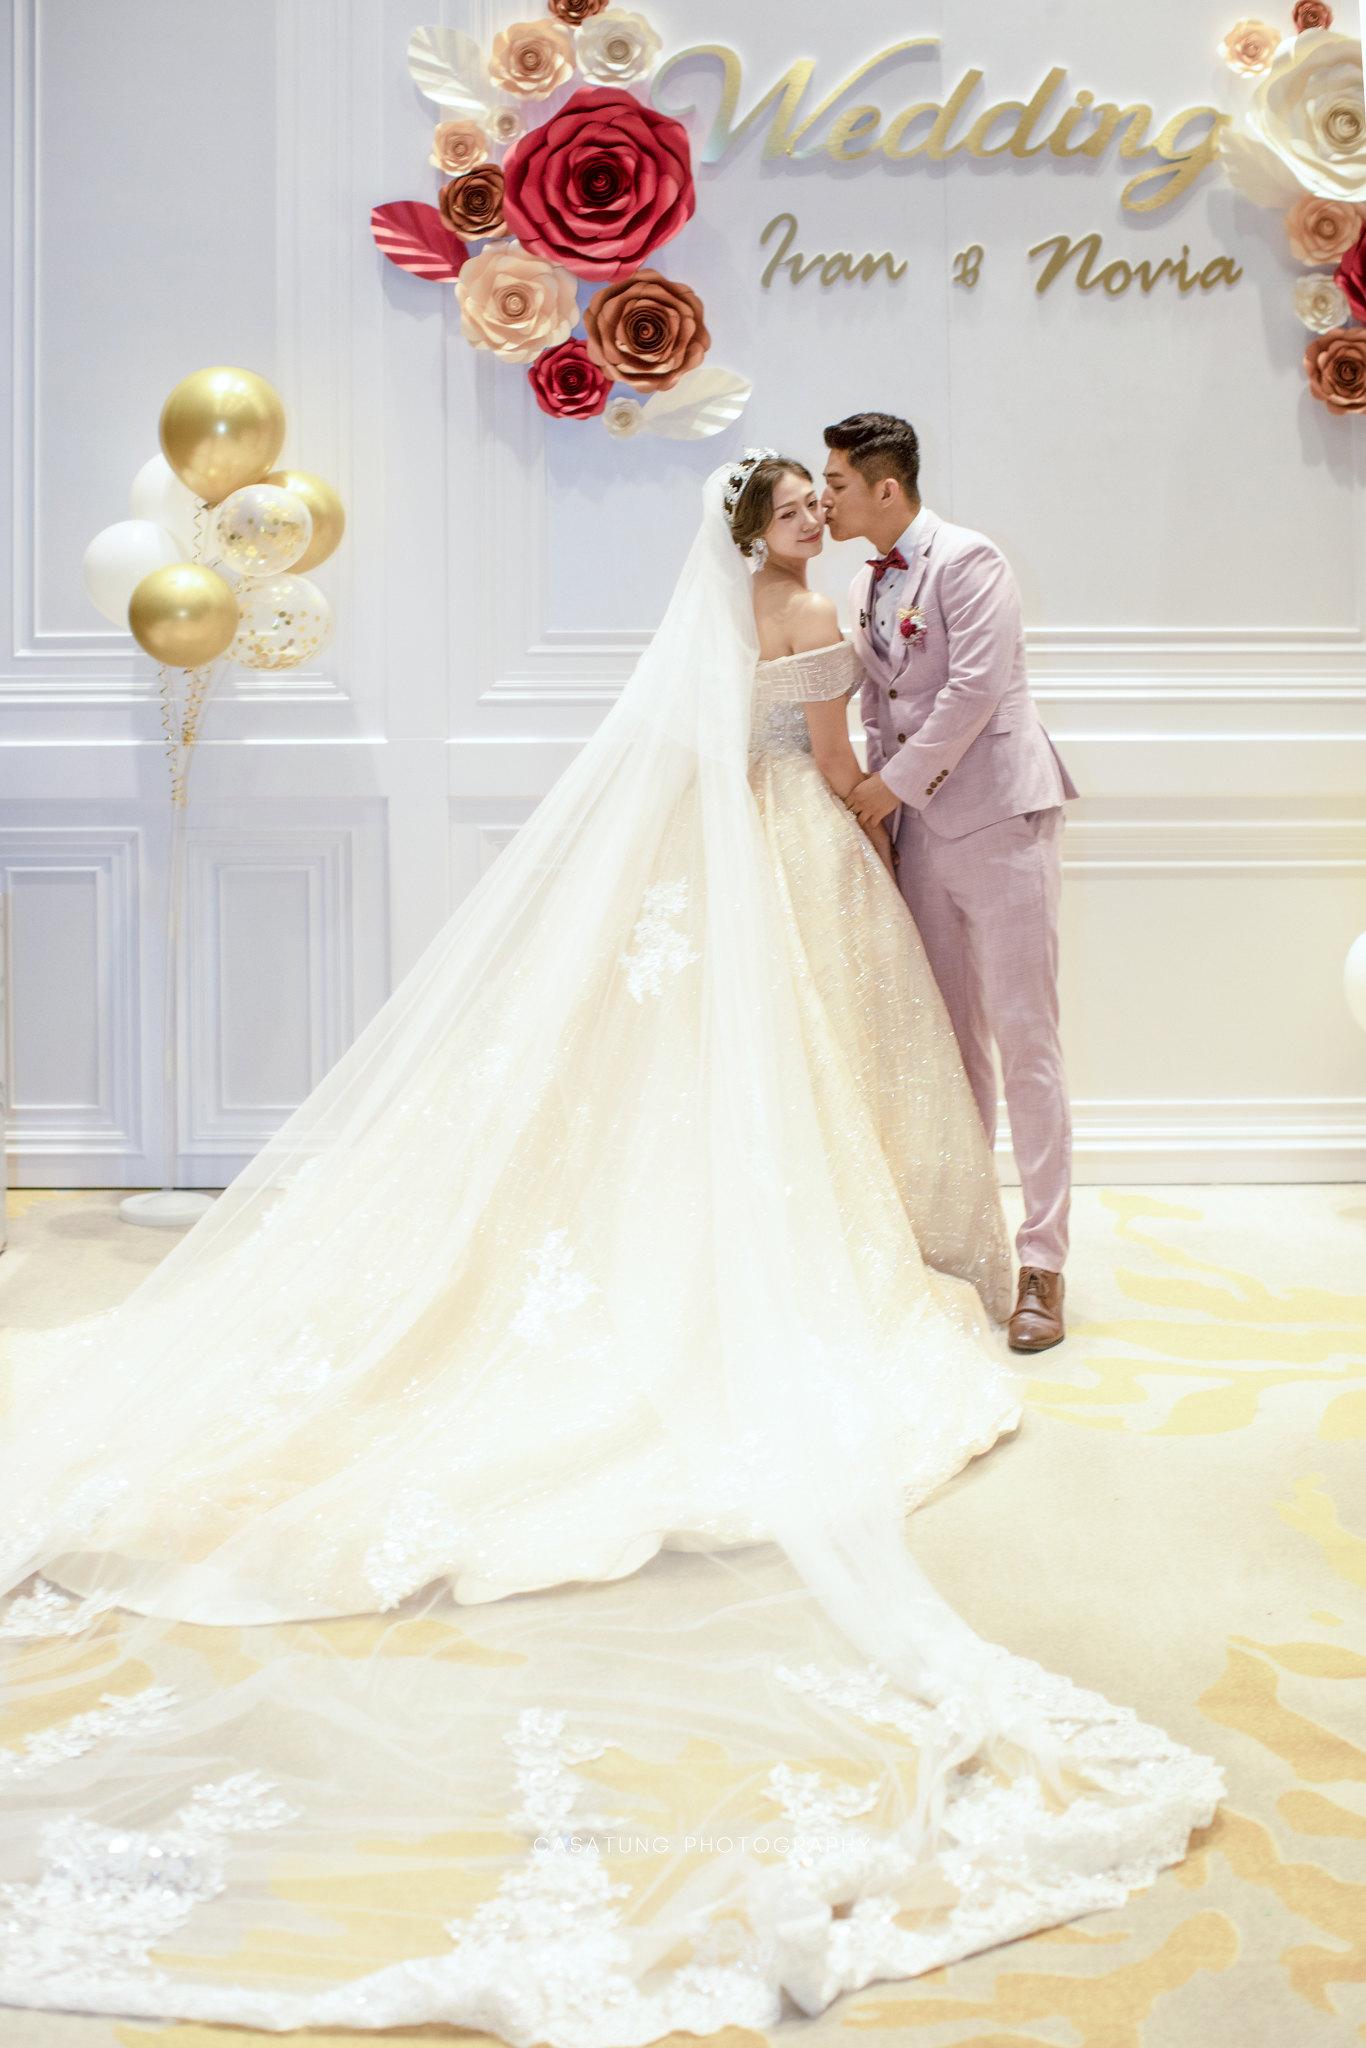 戶外婚禮, 手工婚紗, 台中婚攝, 自助婚紗, 婚紗工作室, 婚紗推薦旋轉木馬, 婚攝推廷, 婚攝CASA, 推薦婚攝, 旋轉木馬婚紗, 萊特維庭婚禮, 禮服出租, lightweeding,萊特薇庭婚攝-125